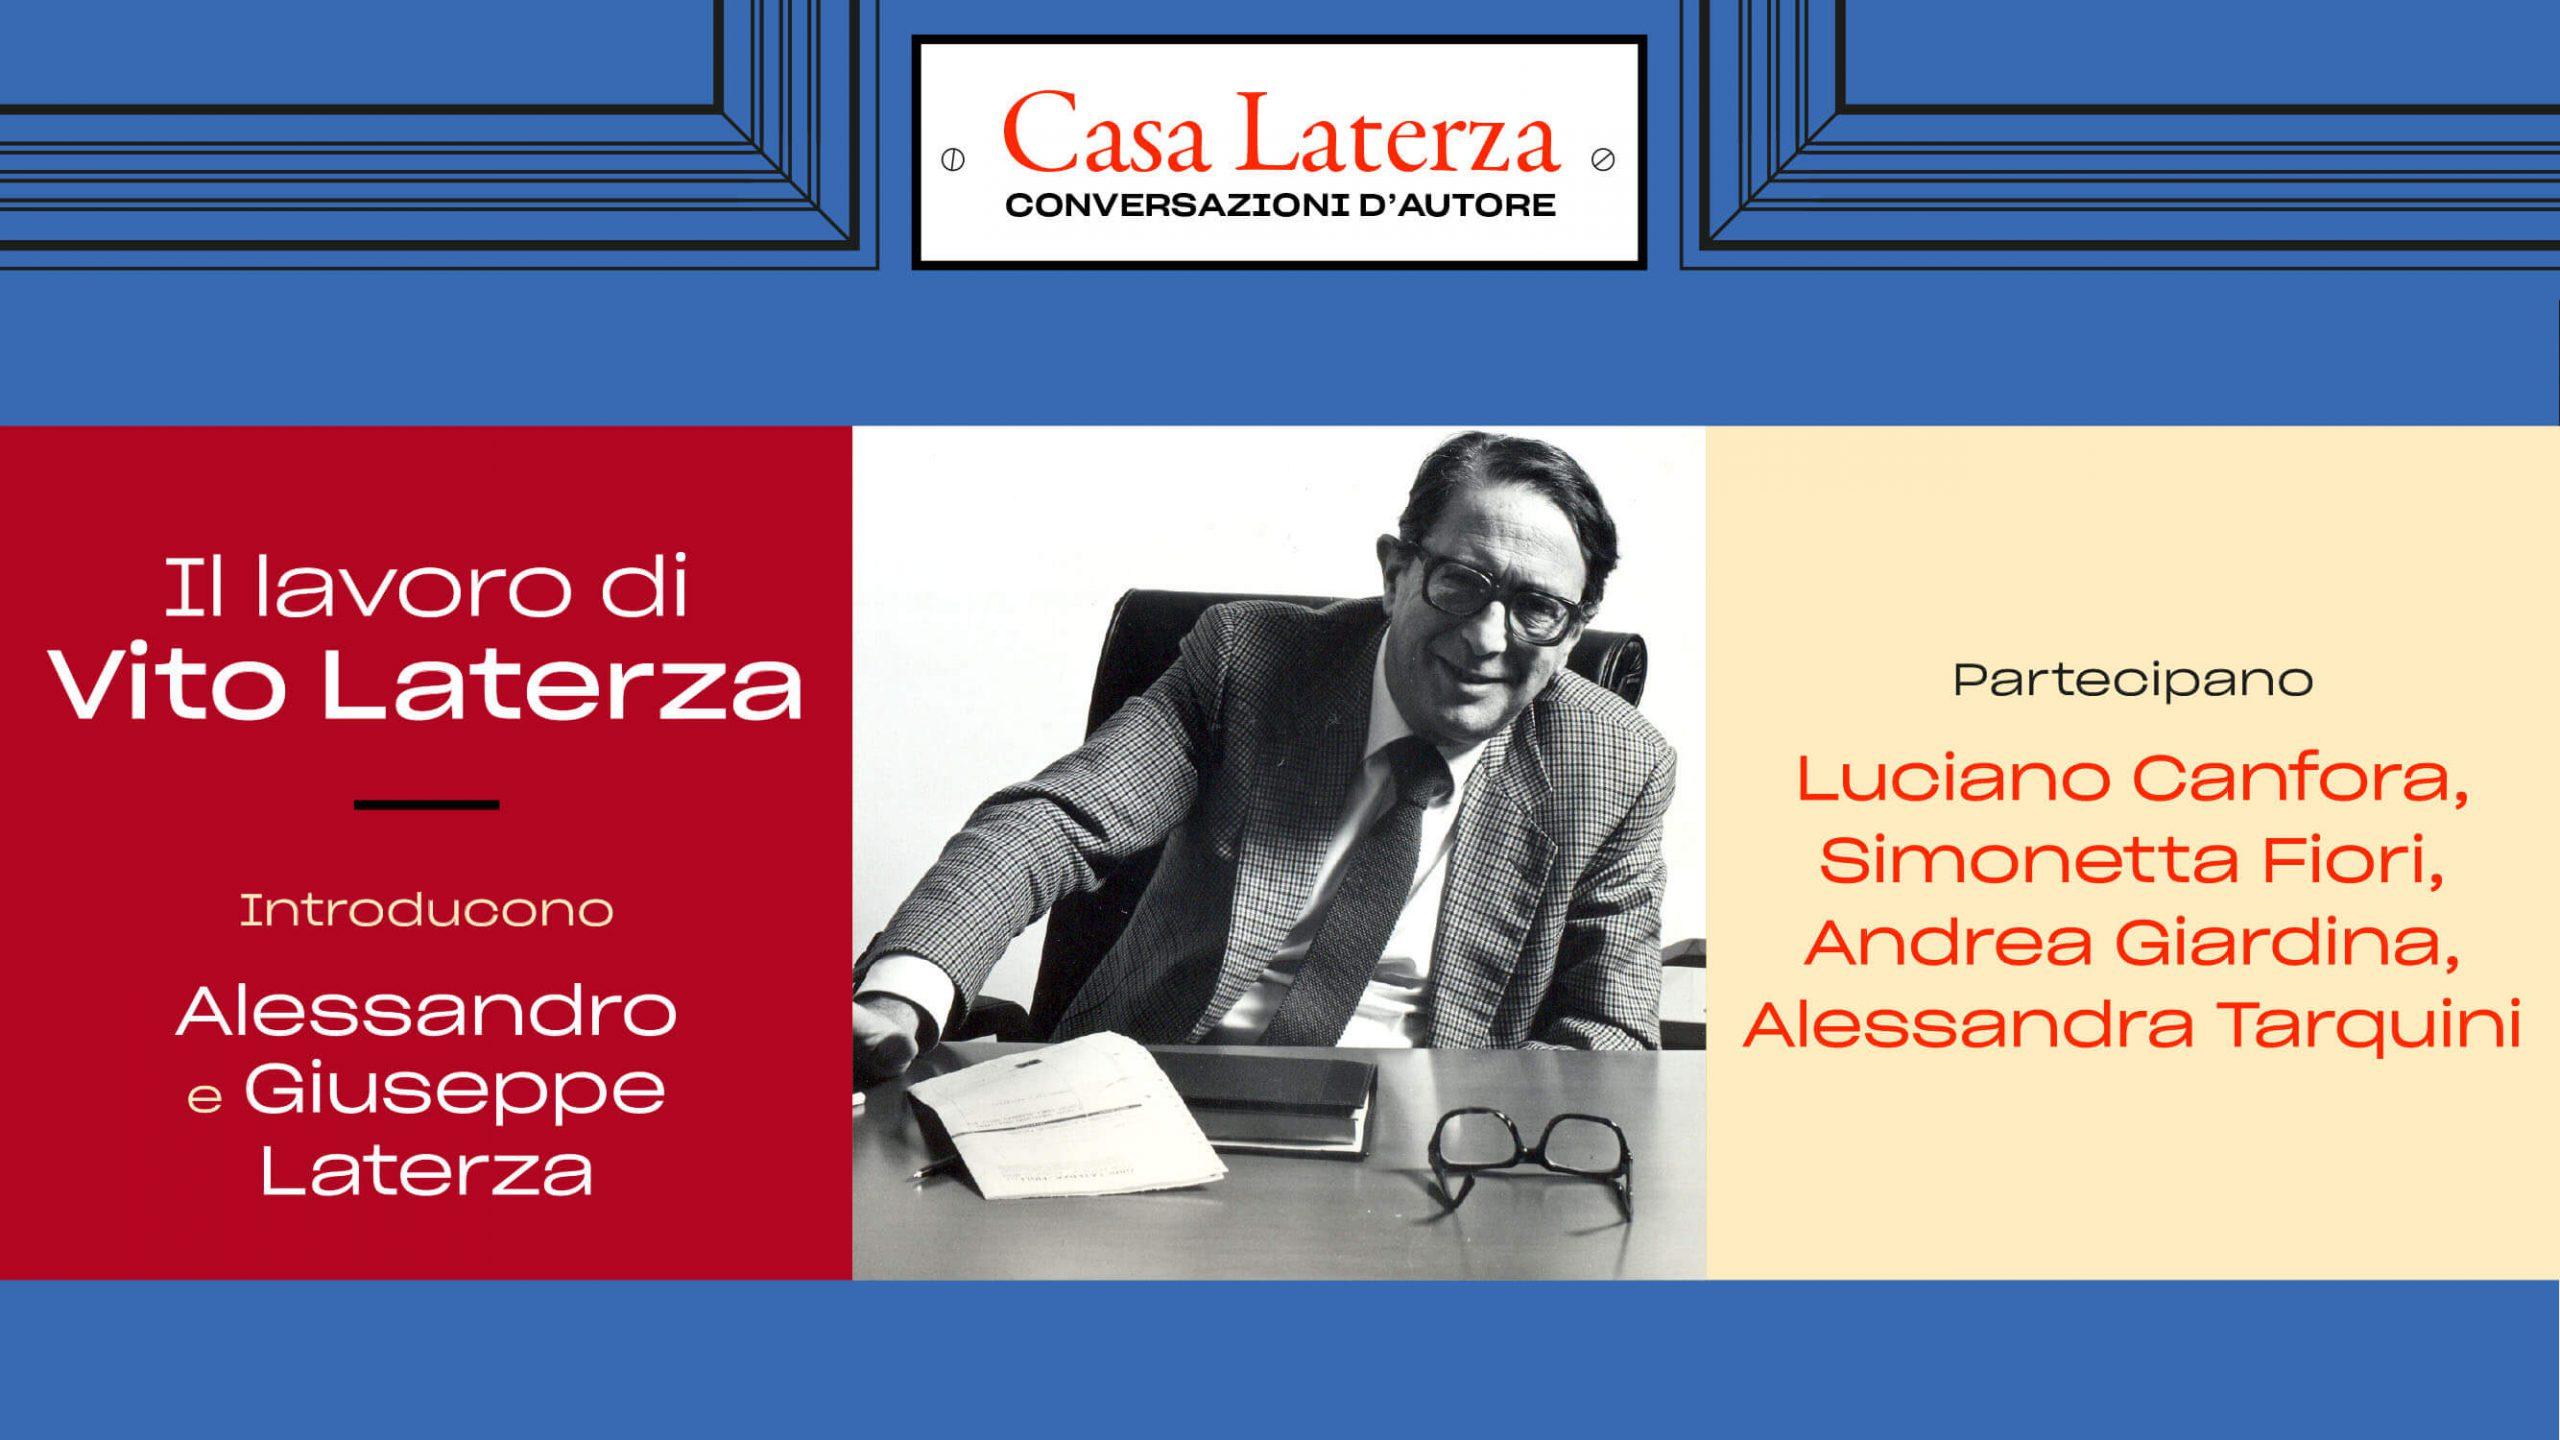 #CasaLaterza: il lavoro di Vito Laterza